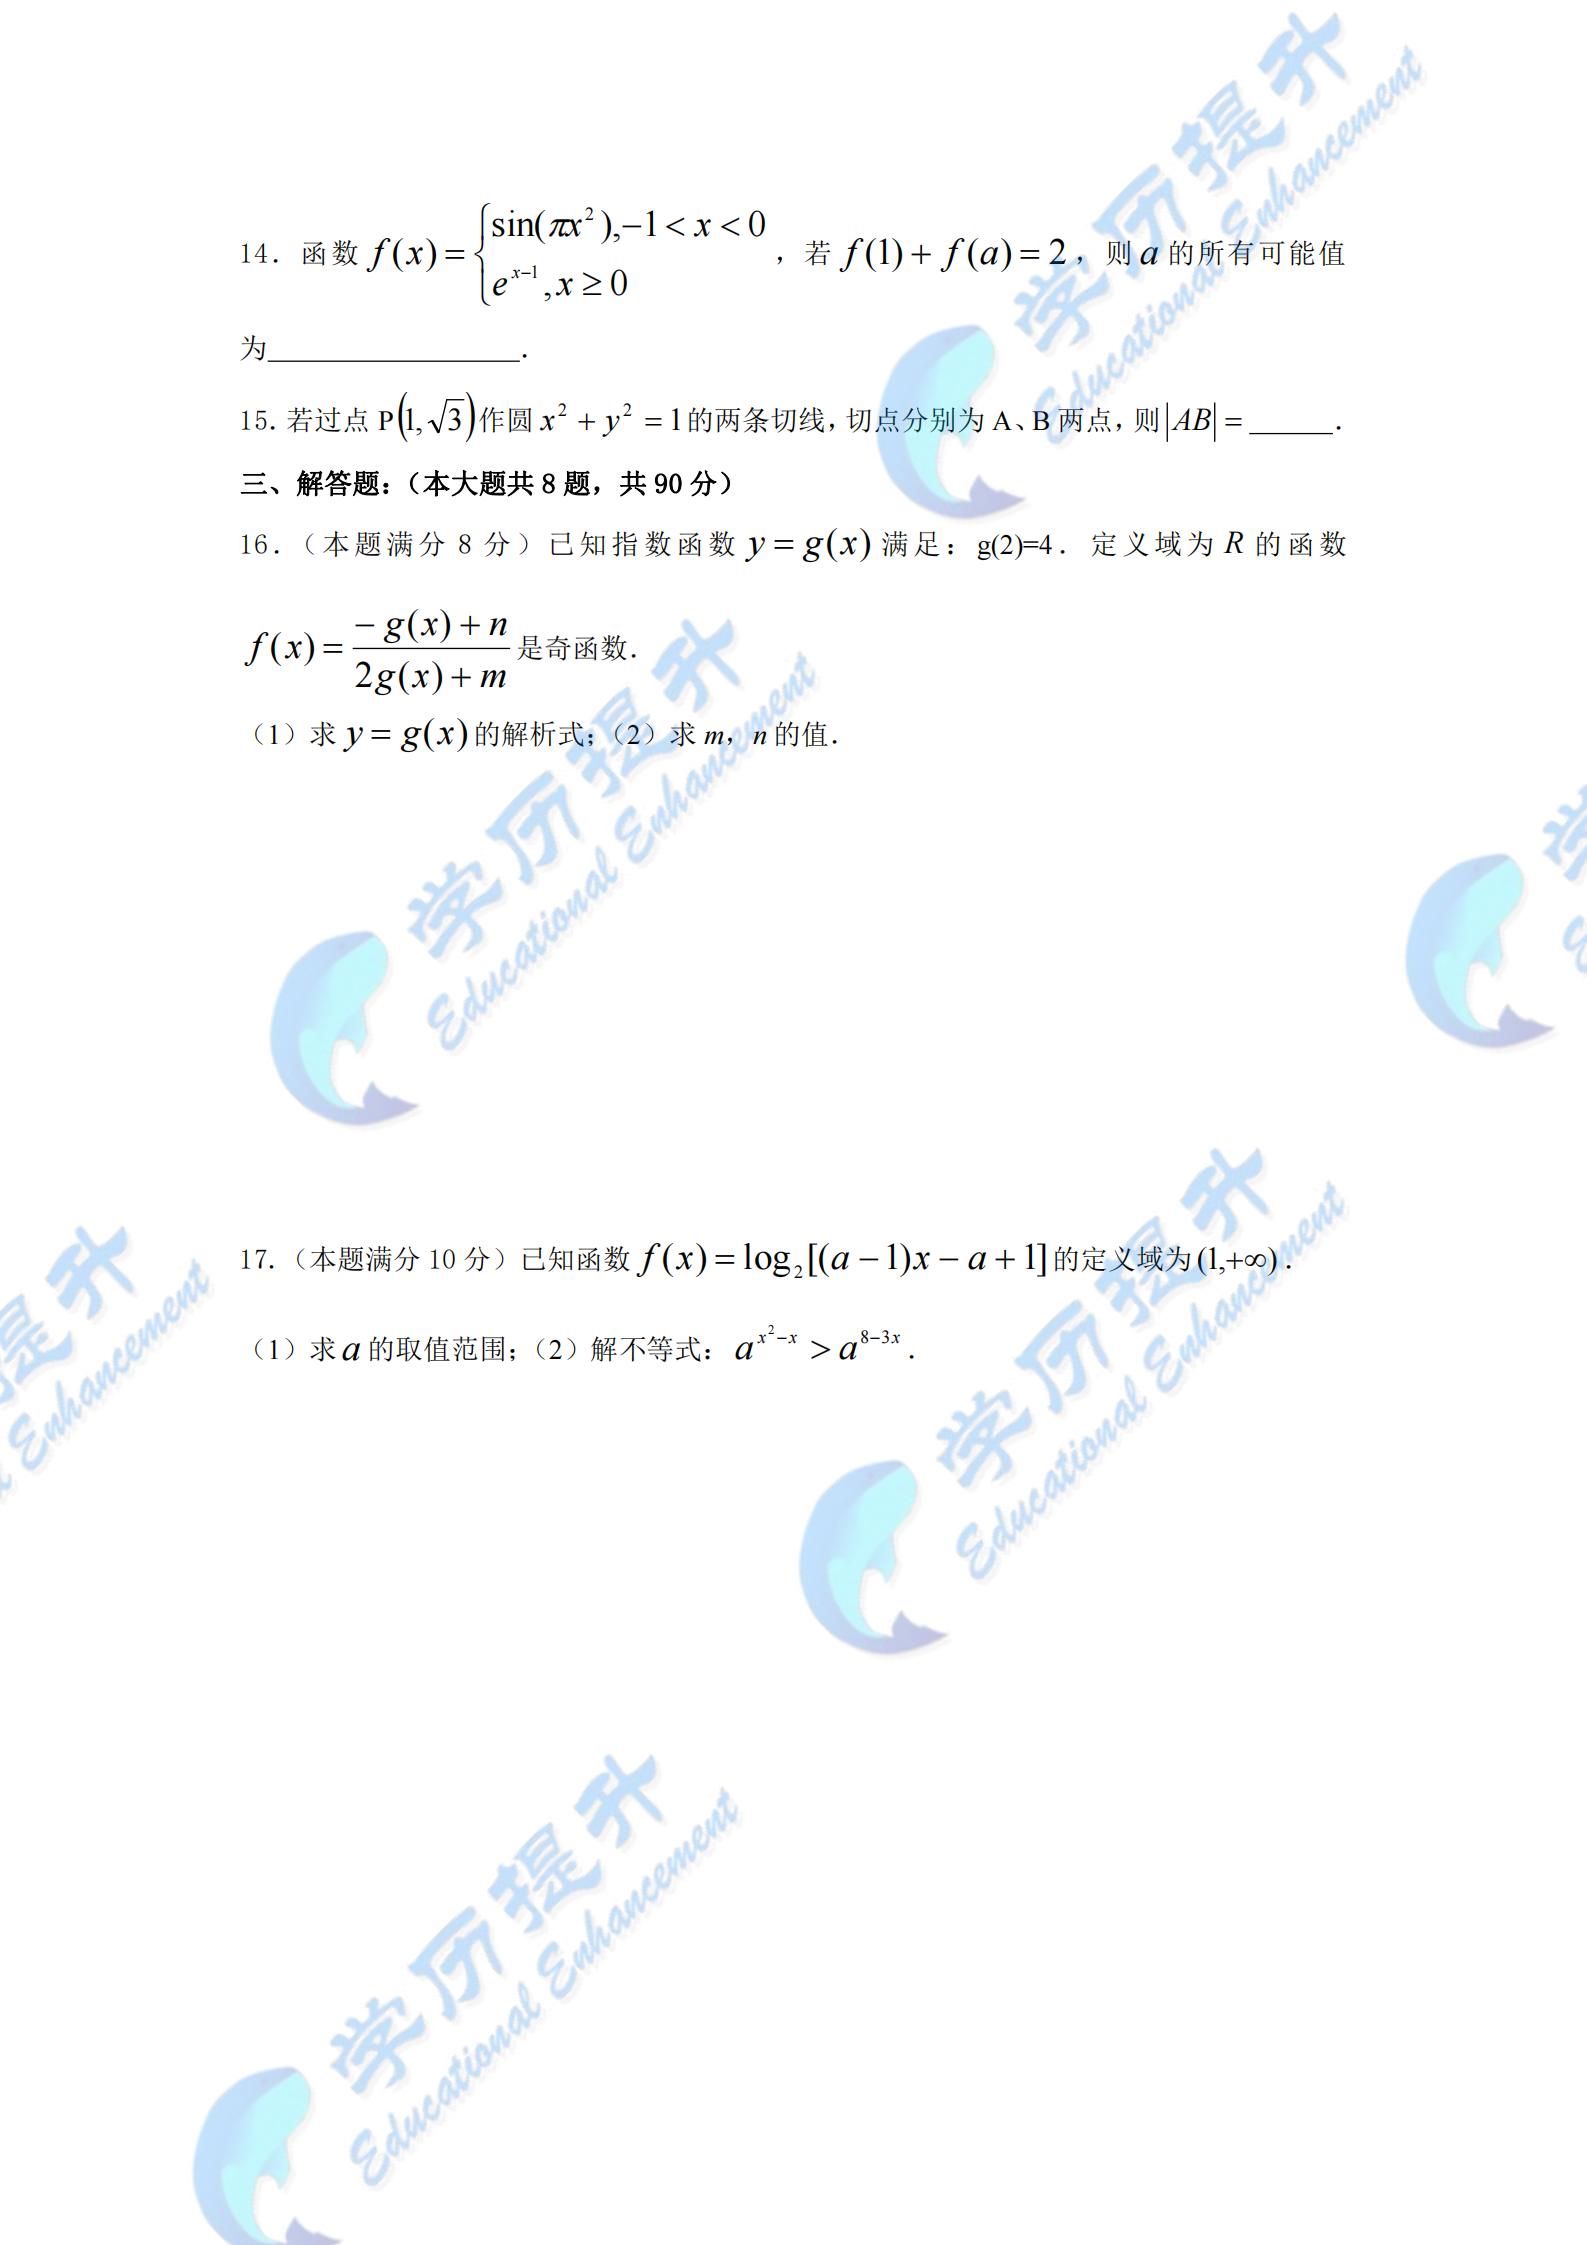 2018江苏省盐城市对口单招数学模拟试卷